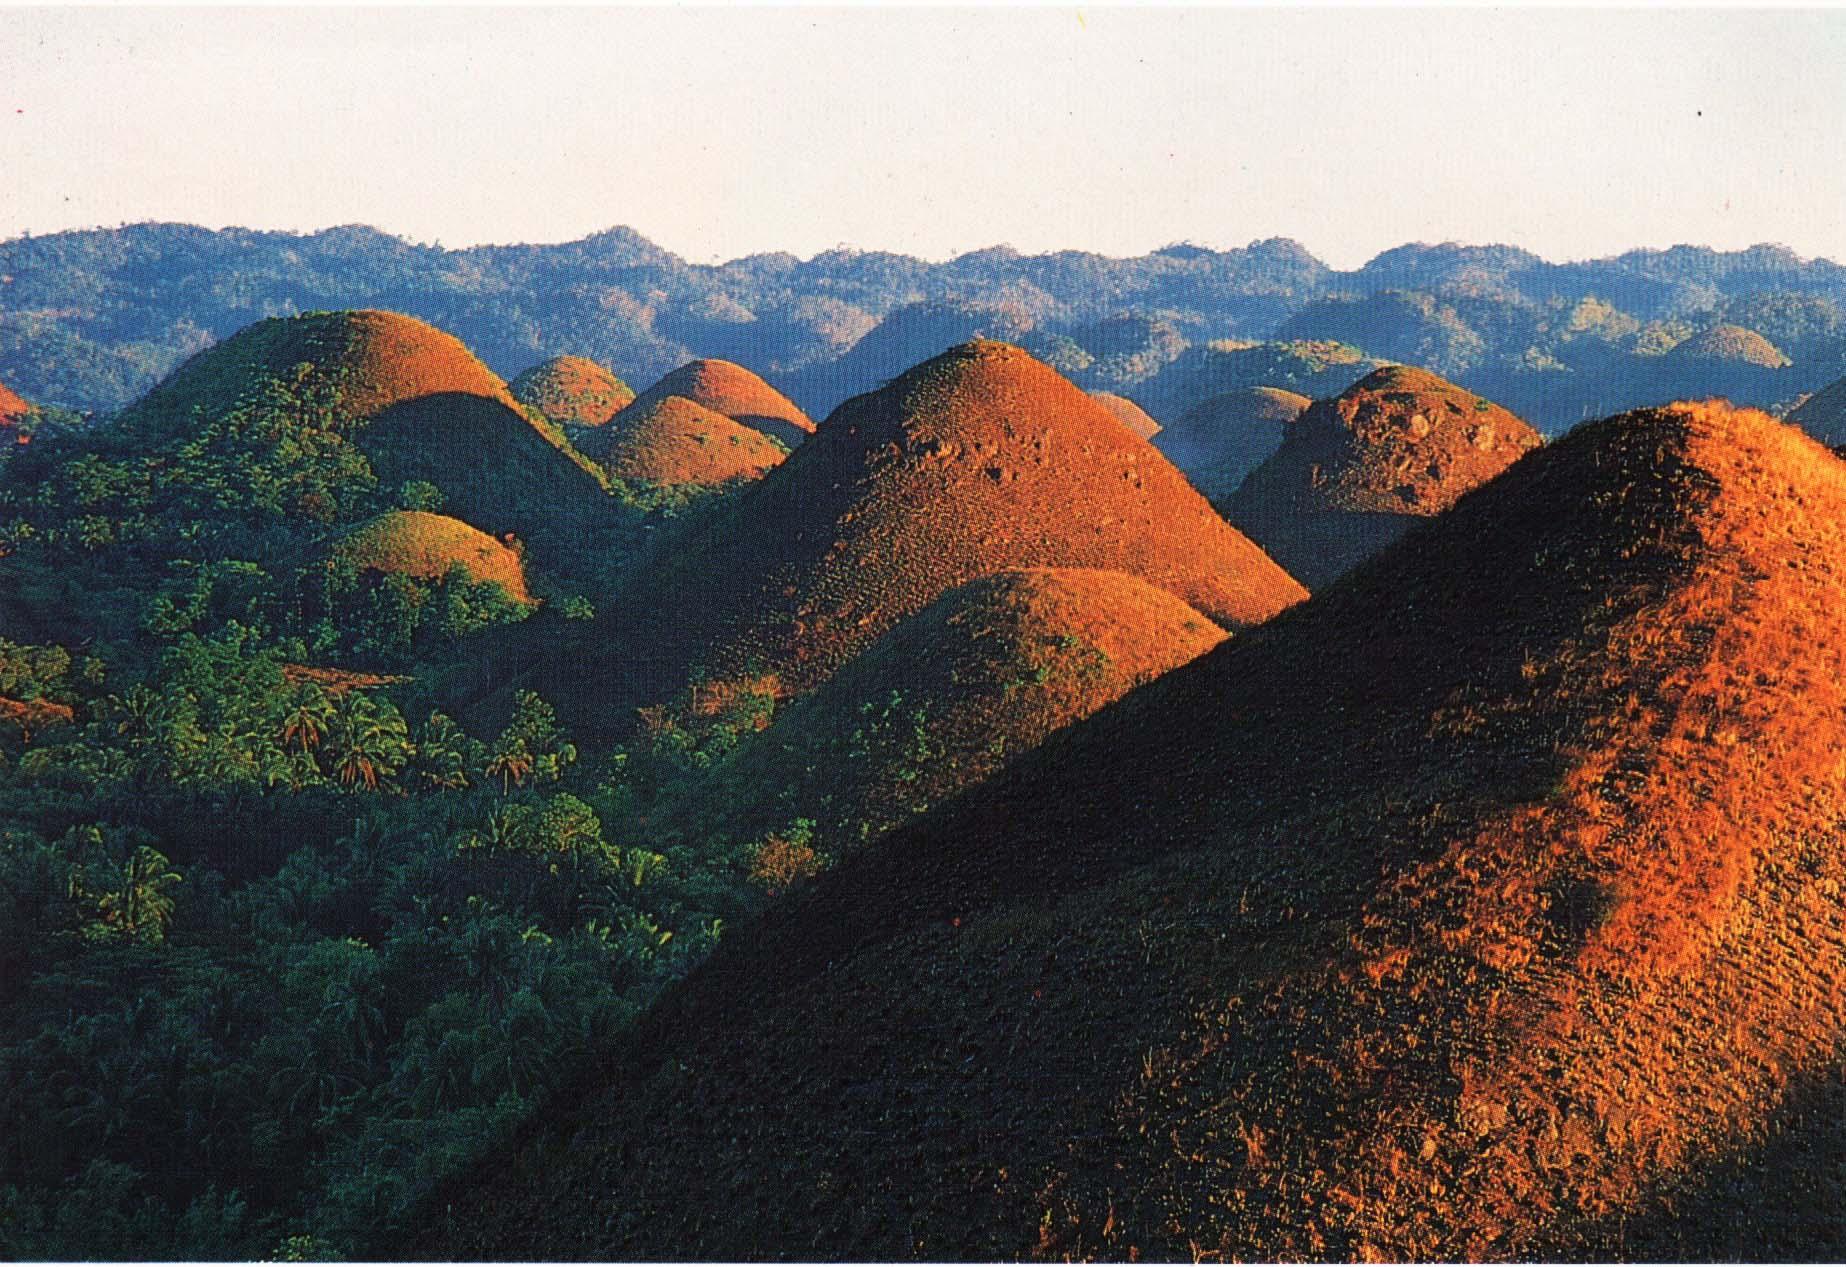 巧克力山由1268个面积相同、几近完美的圆锥形山丘组成,占地达50平方公里。这些山丘像田野上的干草堆一般紧挨在一起。有些有圆顶,其他的呈锥形。它们上面覆盖着乱草,在雨季时色彩呈彩绿。在2~5月份的旱季里,炎热的太阳将这些草晒干,变成巧克力般的褐色。山丘的名字便是这个得来的。